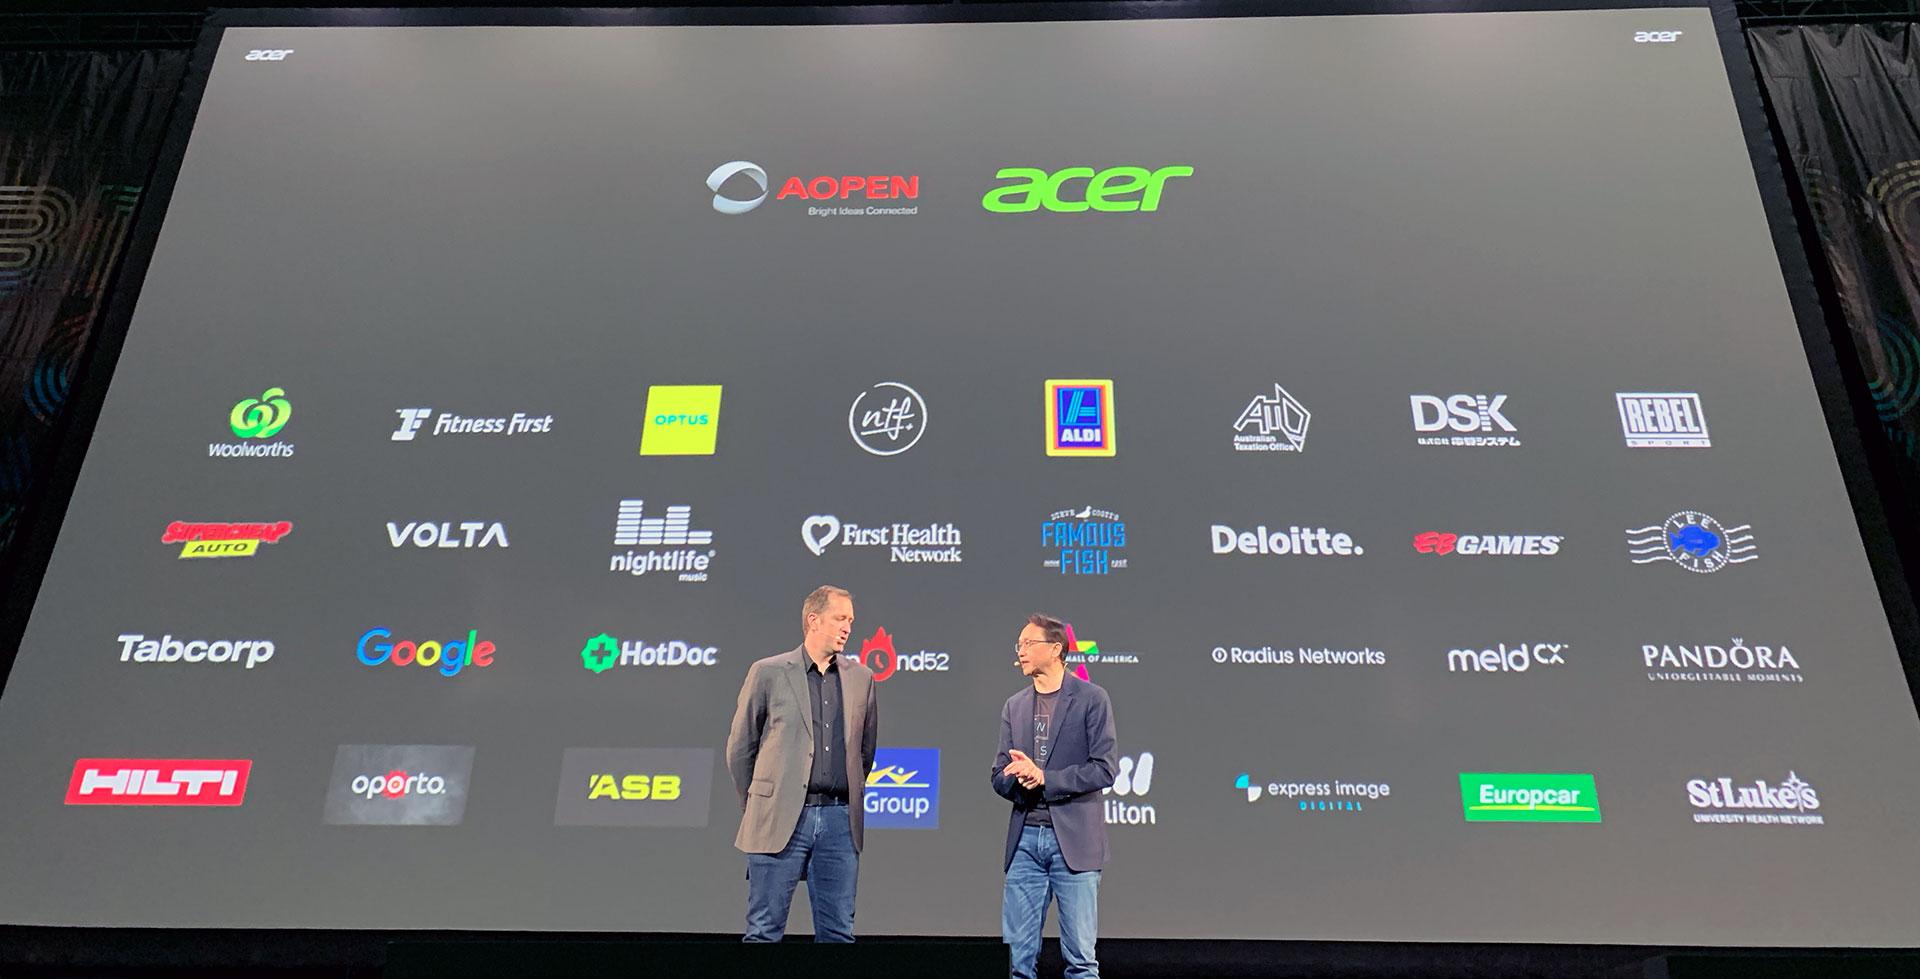 Acer в 2019: что если из игровых ноутов убрать все финтифлюшки - 3